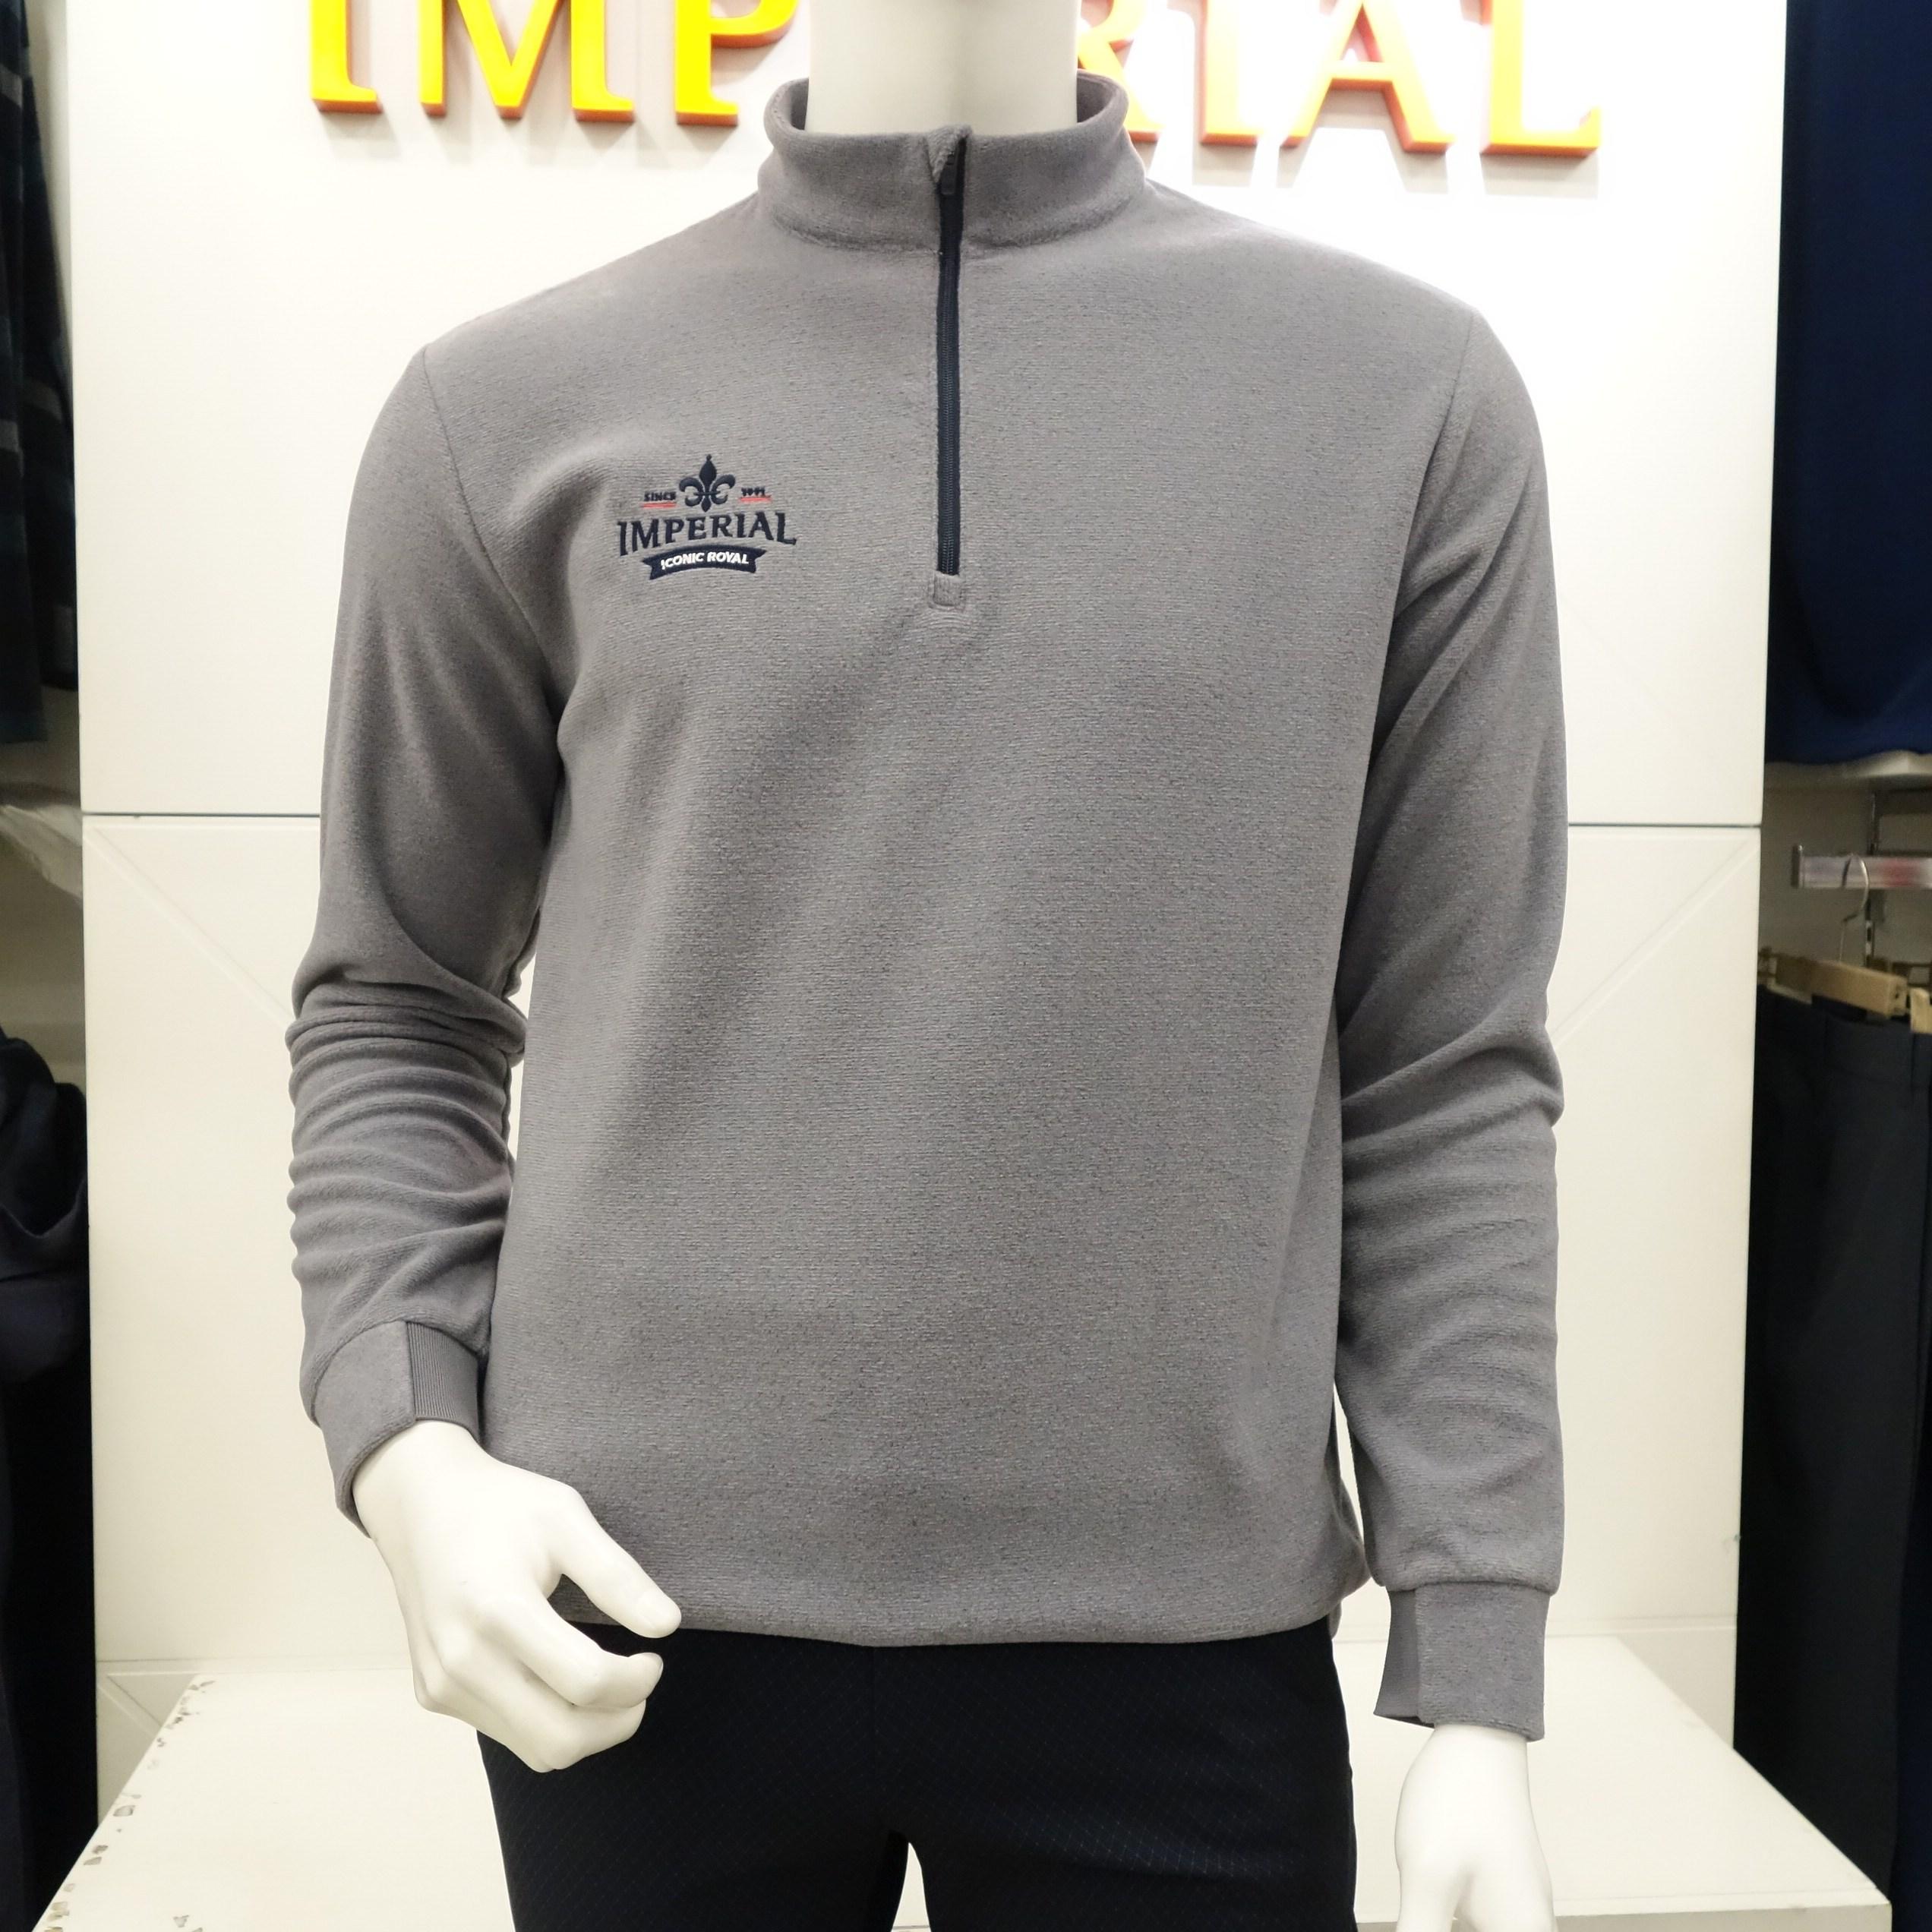 임페리얼 세가지 컬러 !!! 남성 겨울 가볍고 따뜻한 기능성 플리스 반집업 긴팔 티셔츠 I0Z1402, 라이트그레이